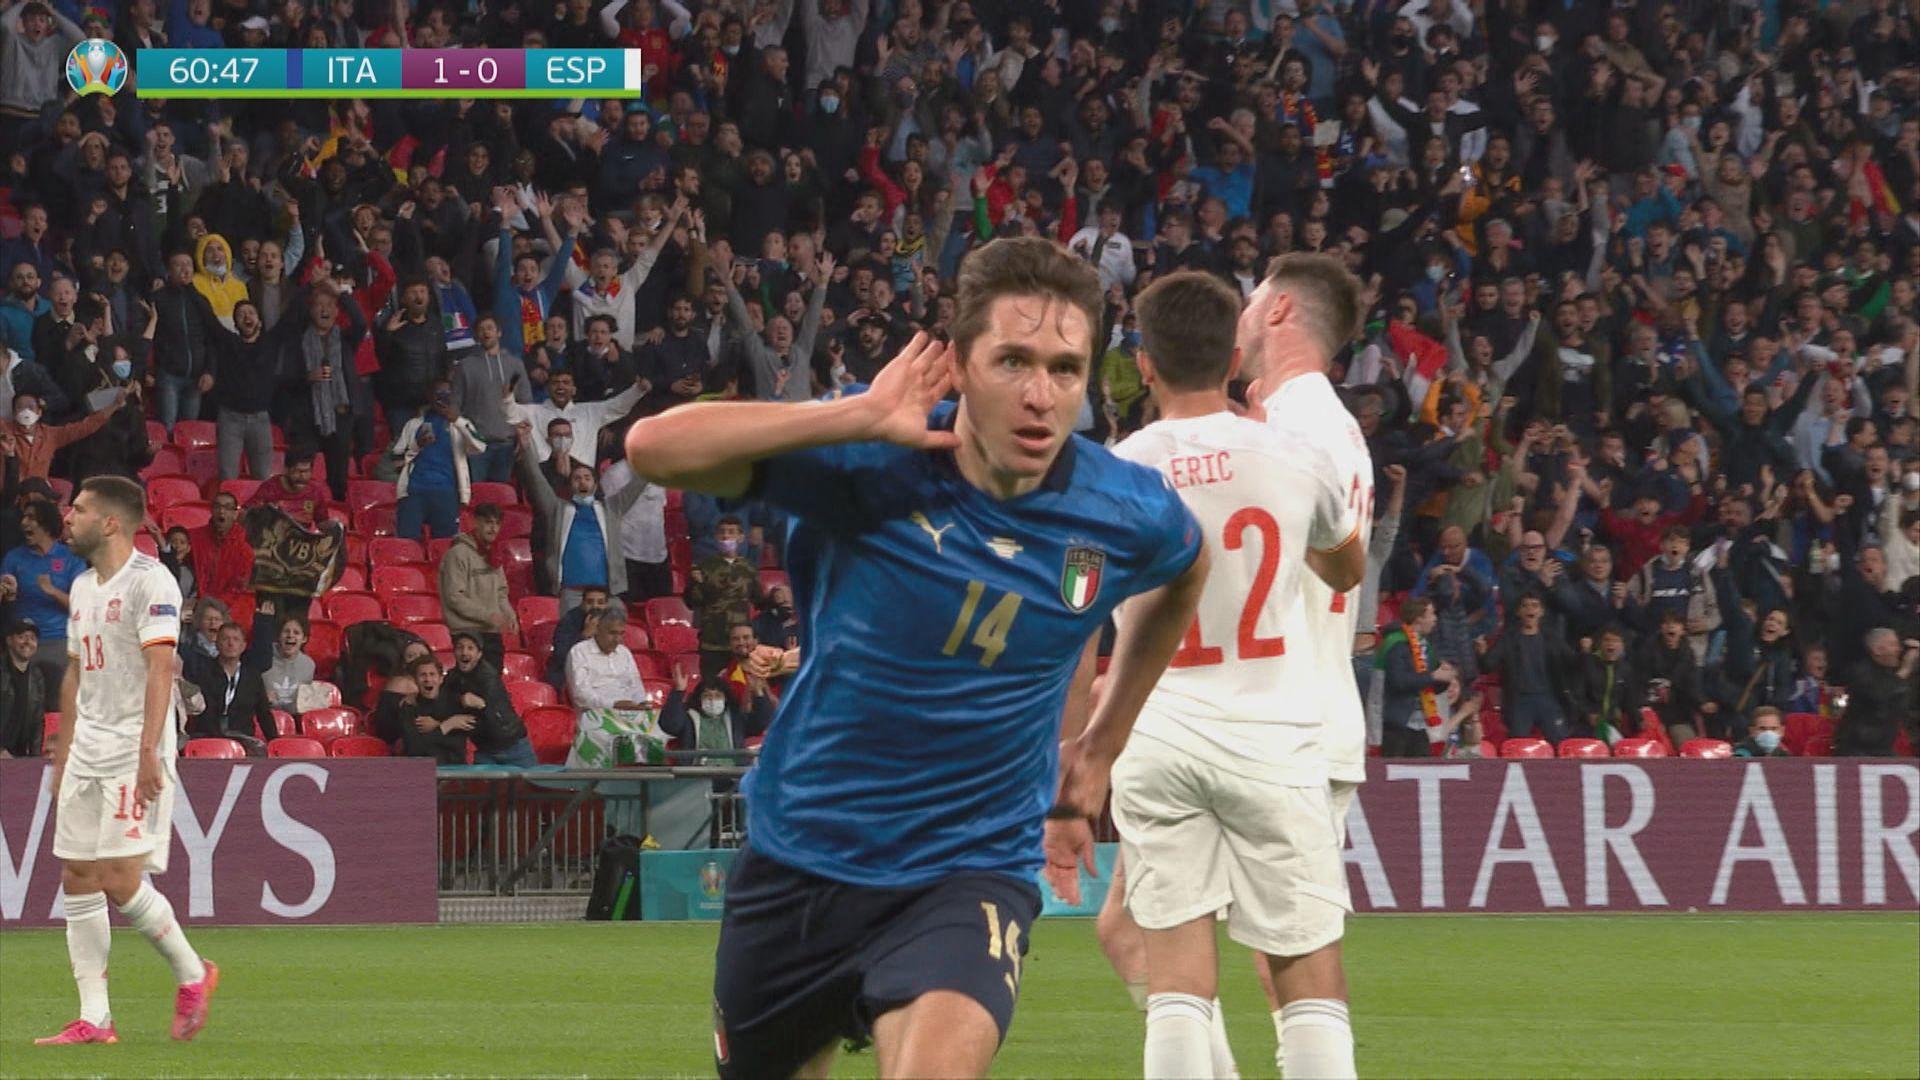 歐國盃 意大利十二碼淘汰西班牙